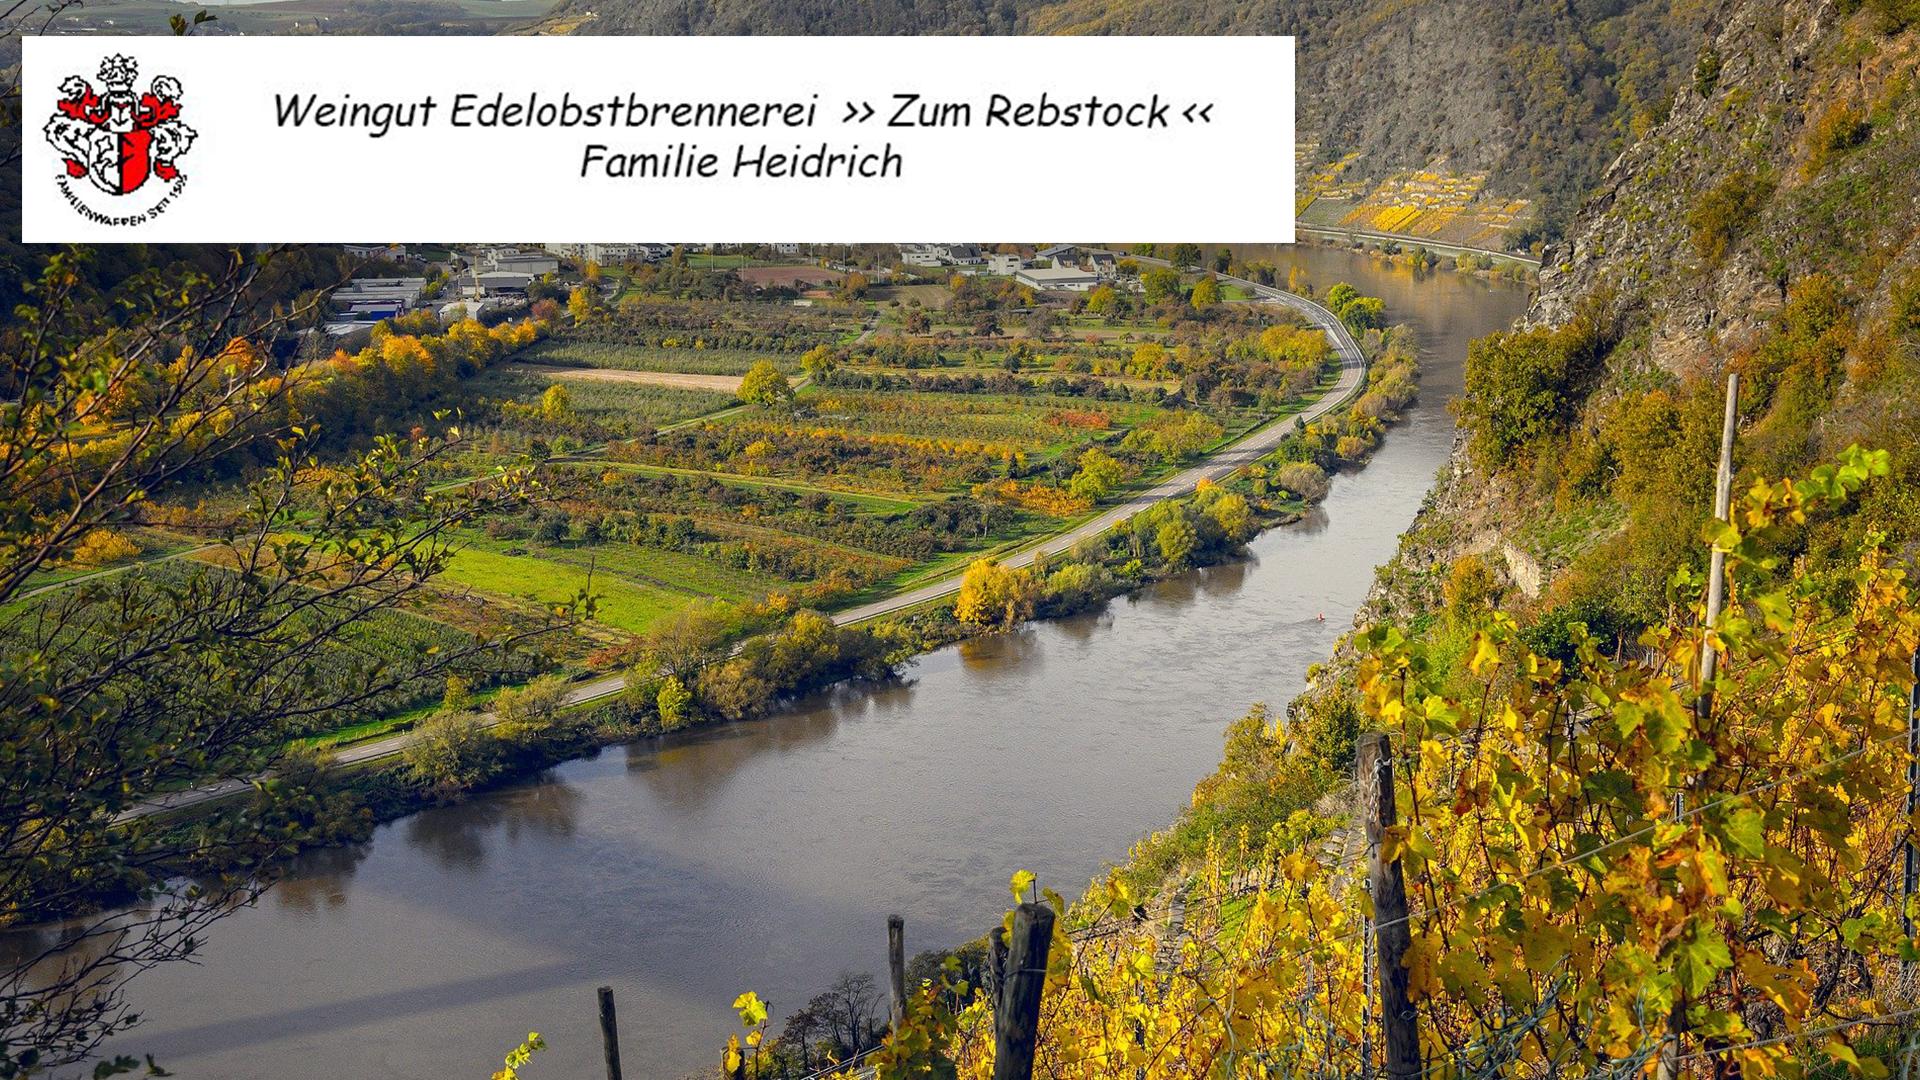 Rolf Heidrich – Winery zum Rebstock